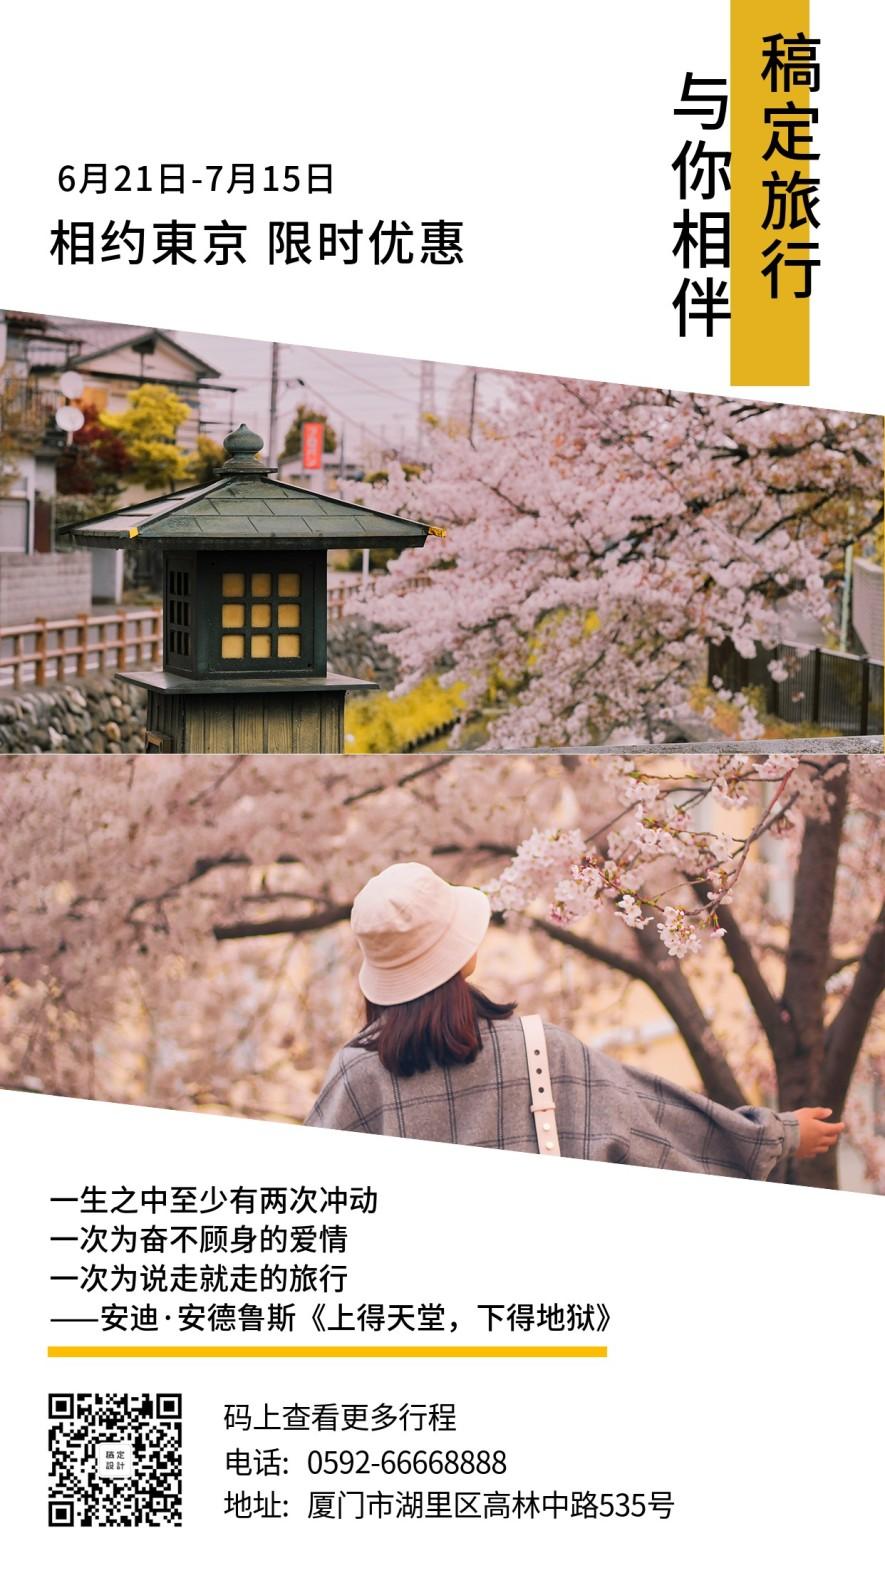 国外游/旅行氛围/手机海报